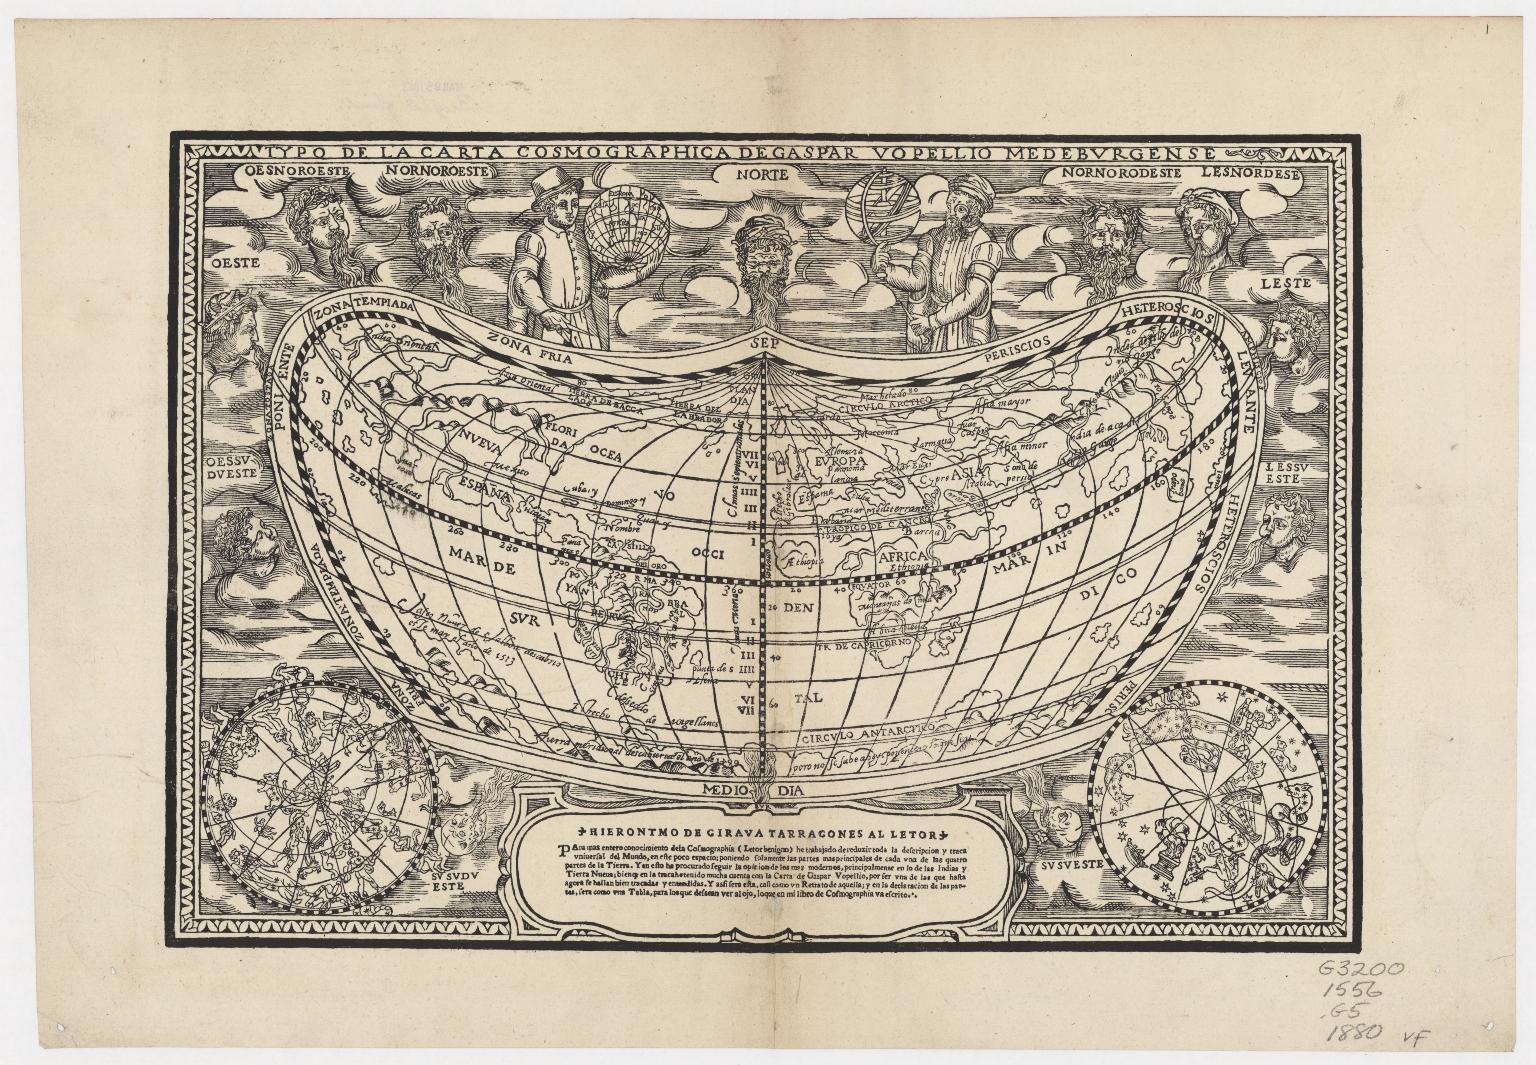 Typo de la carta cosmographica de Gaspar Vopellio medeburgense